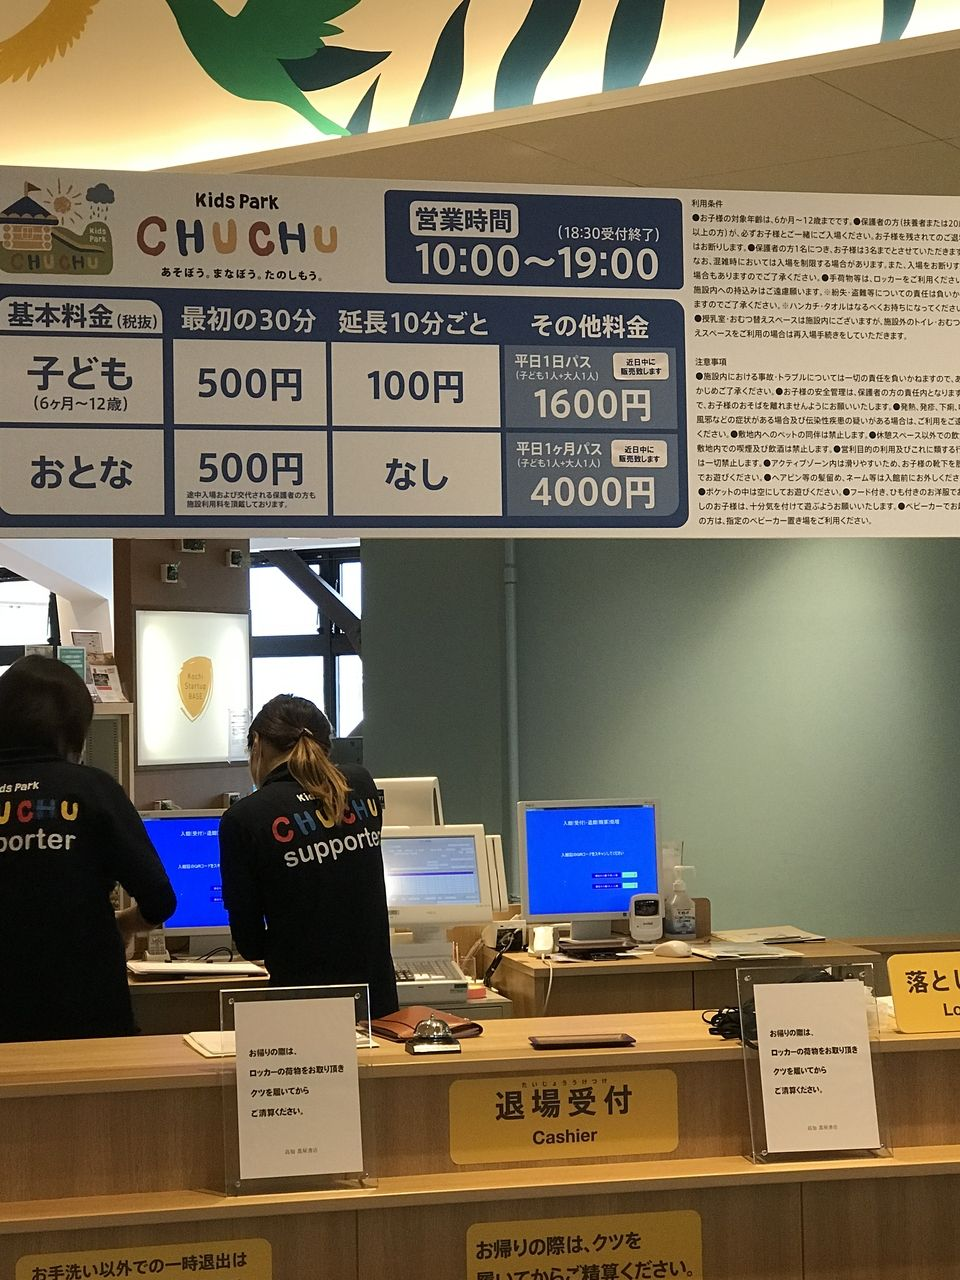 「遊び場CHUCHU」のプレイ料金表。